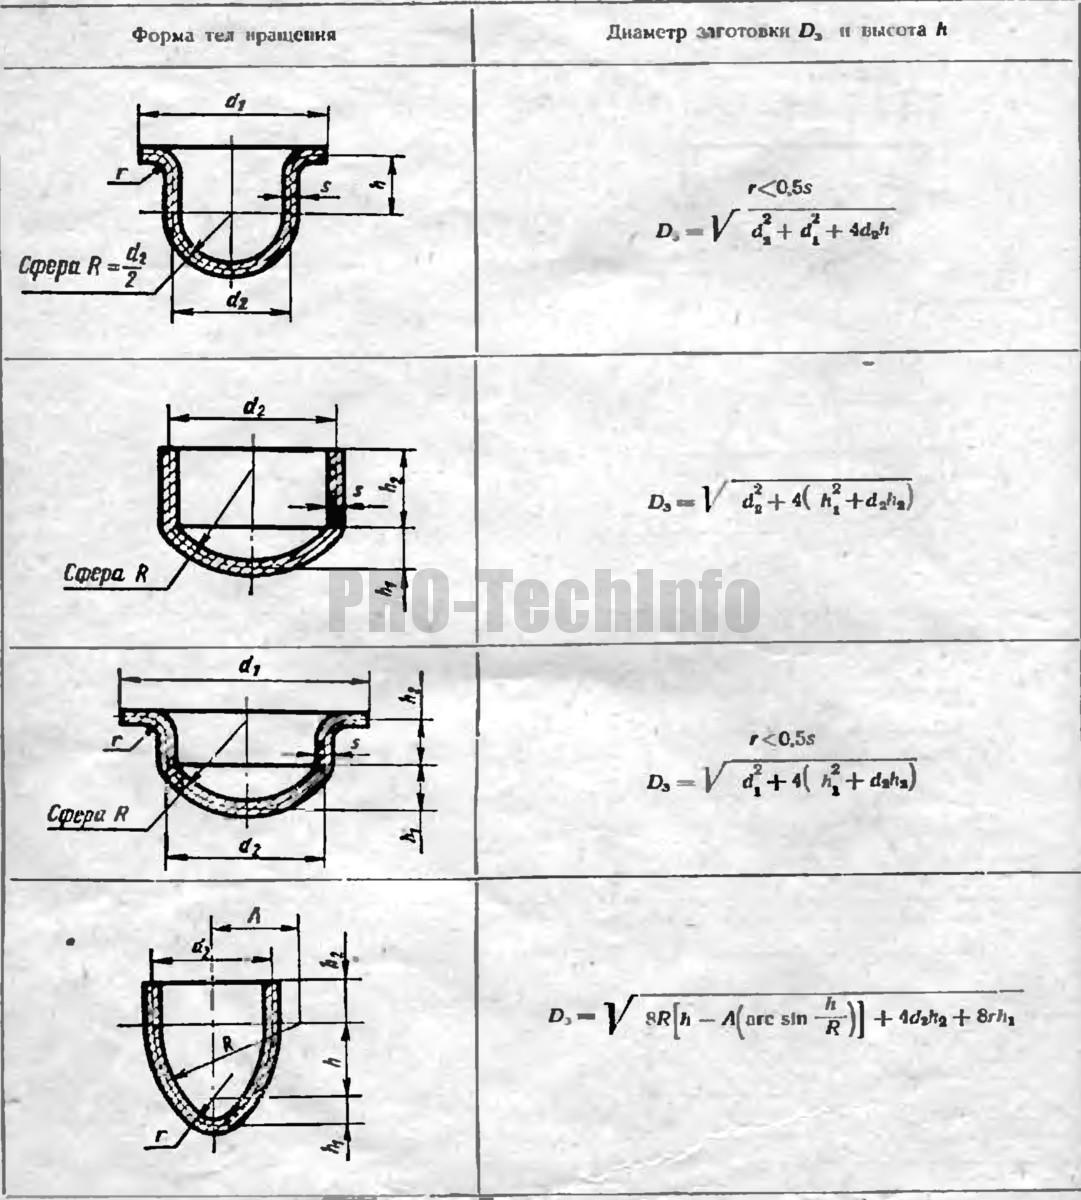 формулы для определения диаметров заготовок для вытяжки 4